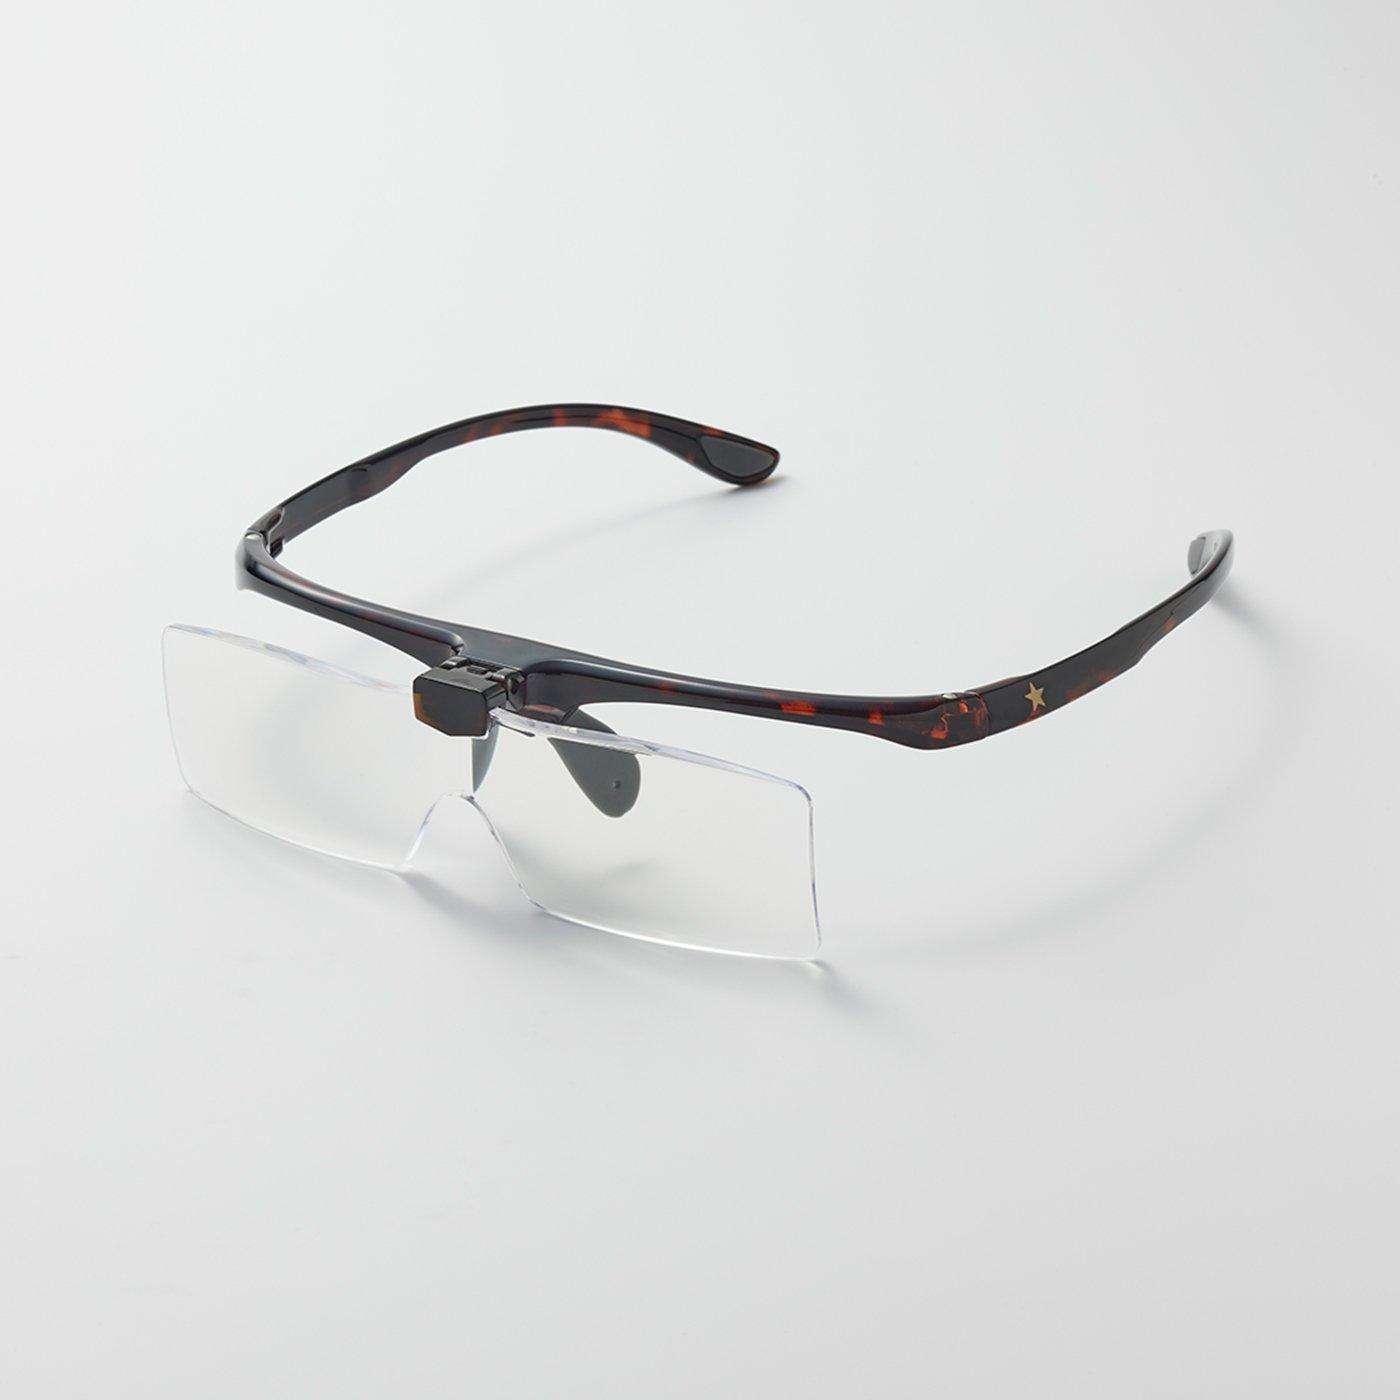 IEDIT[イディット] ワガママ企画 ゴールドスターがポイント! メガネの上からかけられて手もとがよく見えるメガネ型拡大ルーペ〈べっ甲風〉